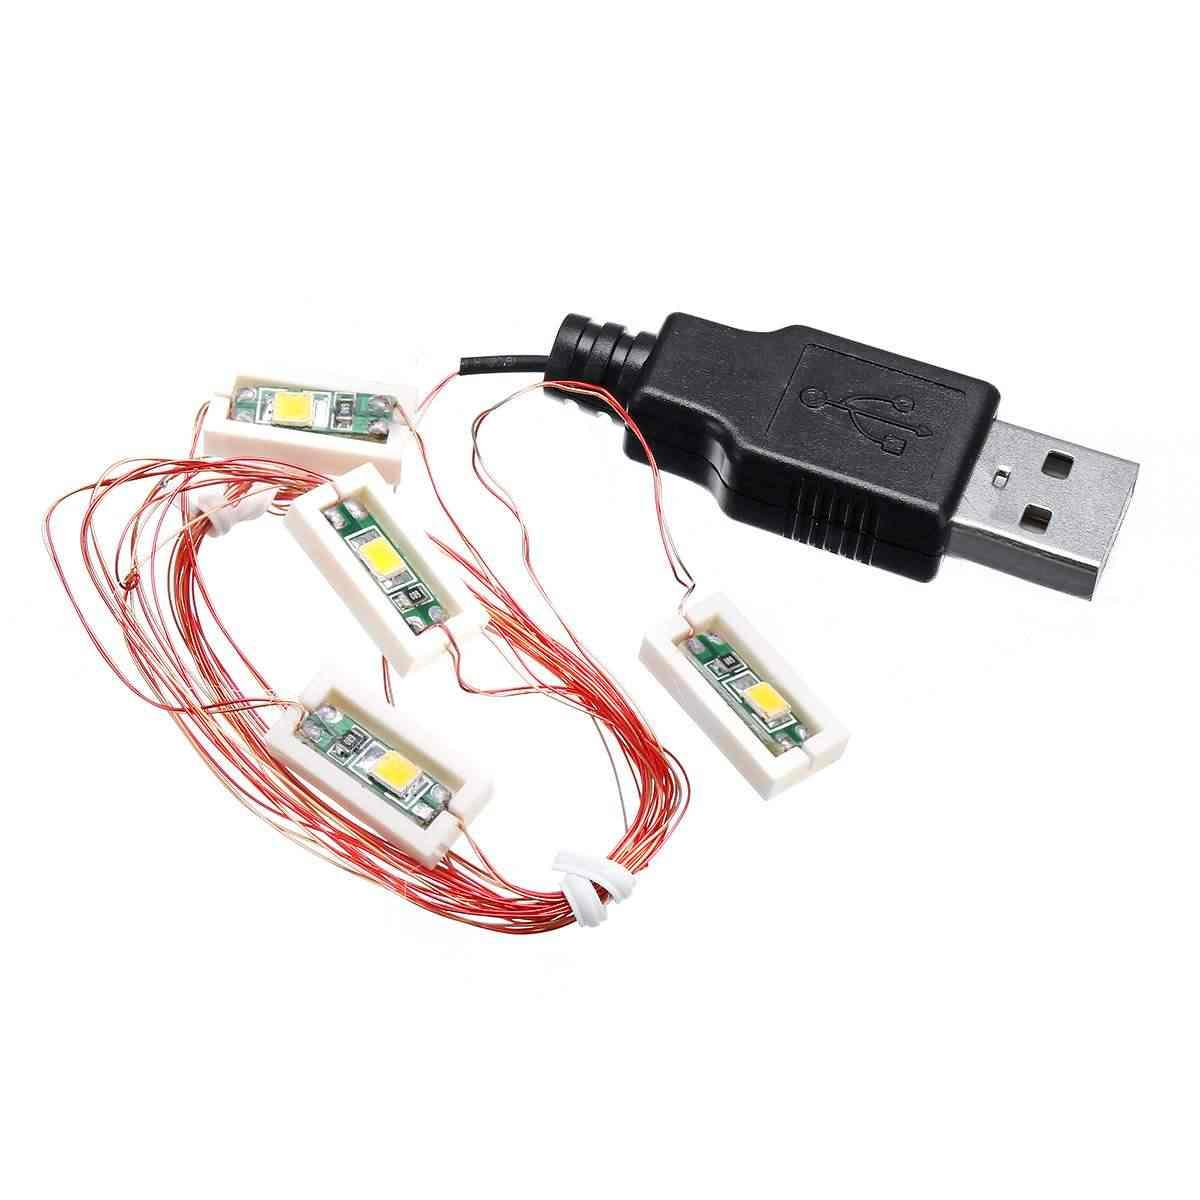 Światła LED zestaw oświetlenia tylko dla Lego dla 71040 dla disneya zamek cegły zabawki zaktualizowana wersja z reflektor